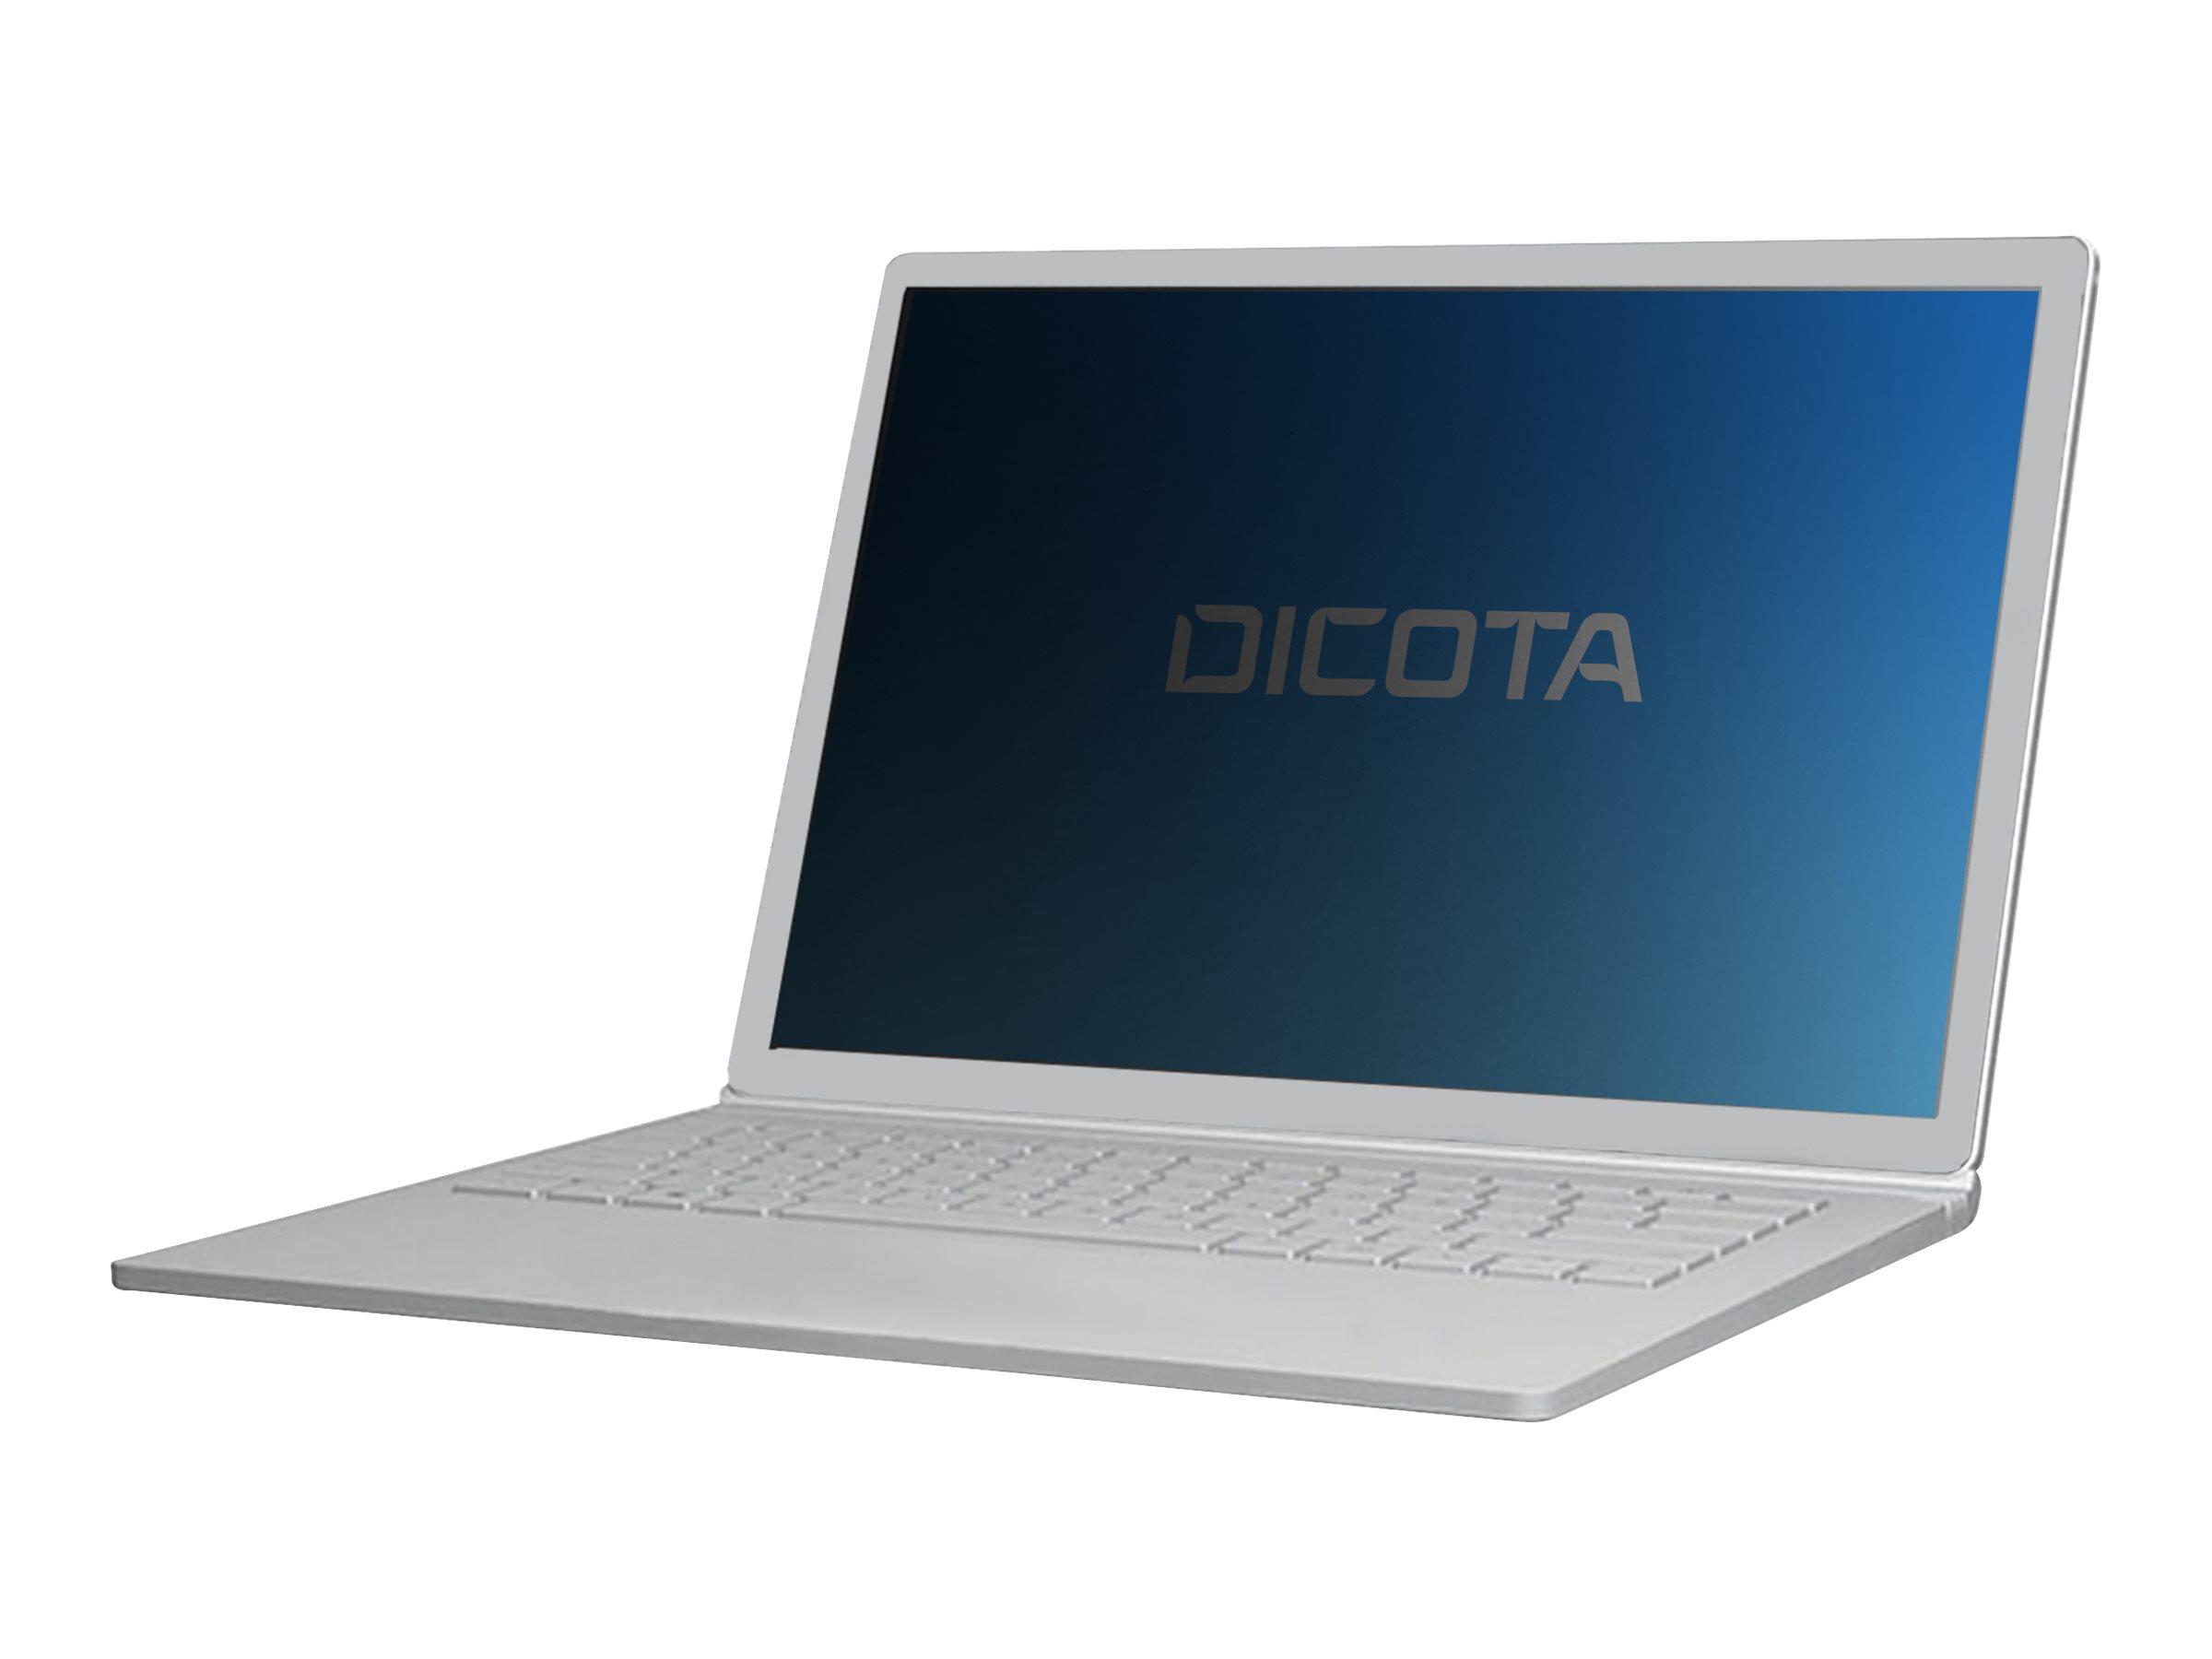 DICOTA - Blickschutzfilter für Notebook - 2-Wege - klebend - Schwarz - für Lenovo ThinkPad X1 Yoga (4th Gen) 20QF, 20QG